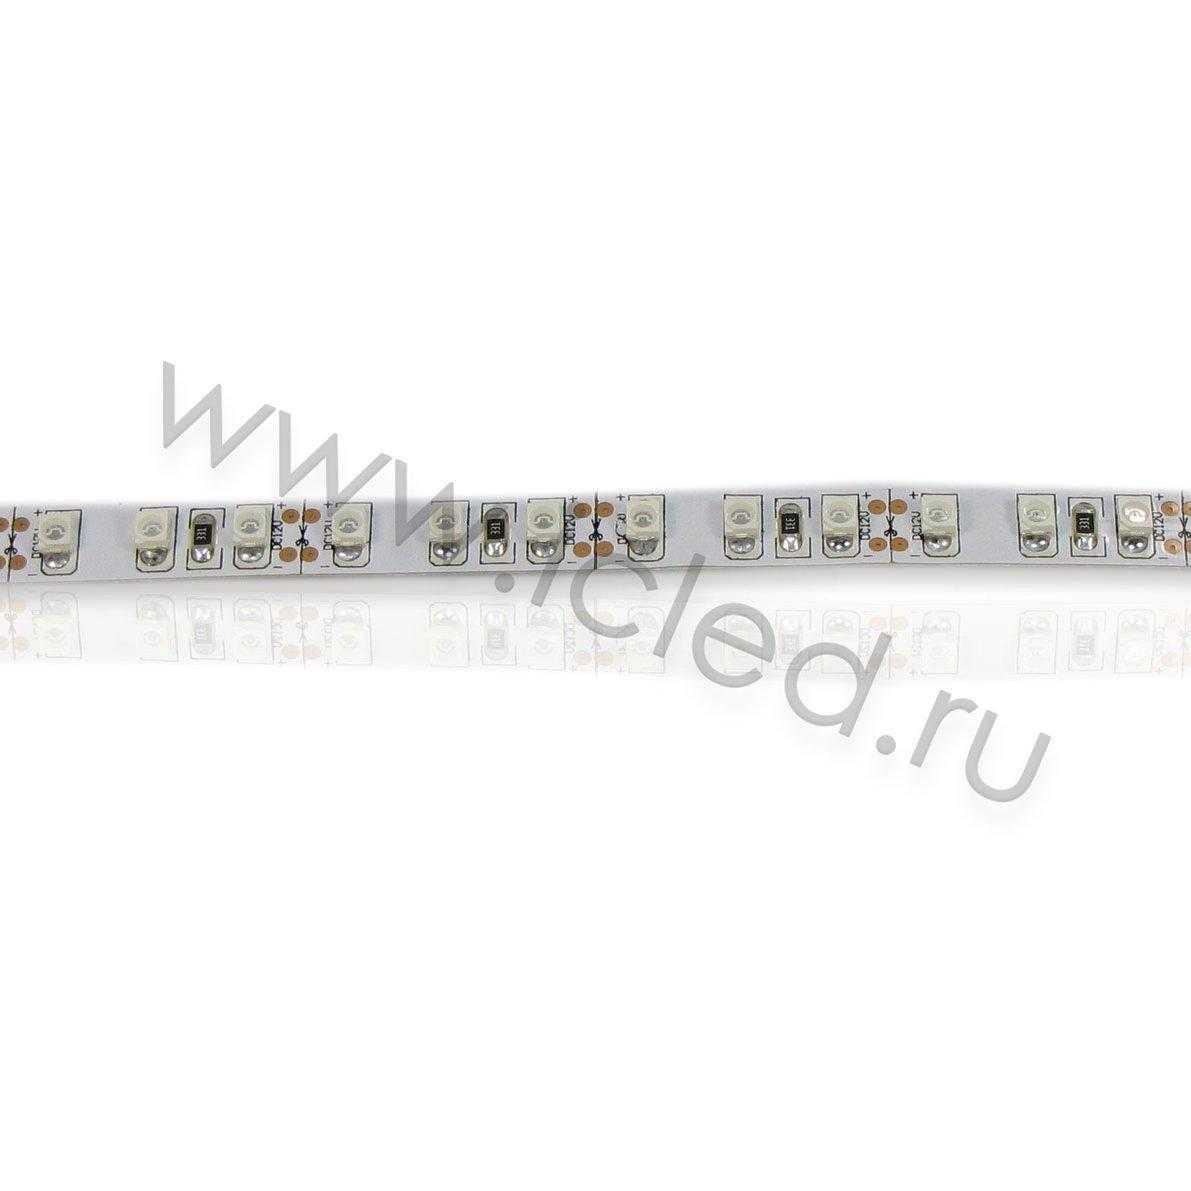 Светодиодная лента Class B, 3528, 120 led/m, Red, 12V, IP33